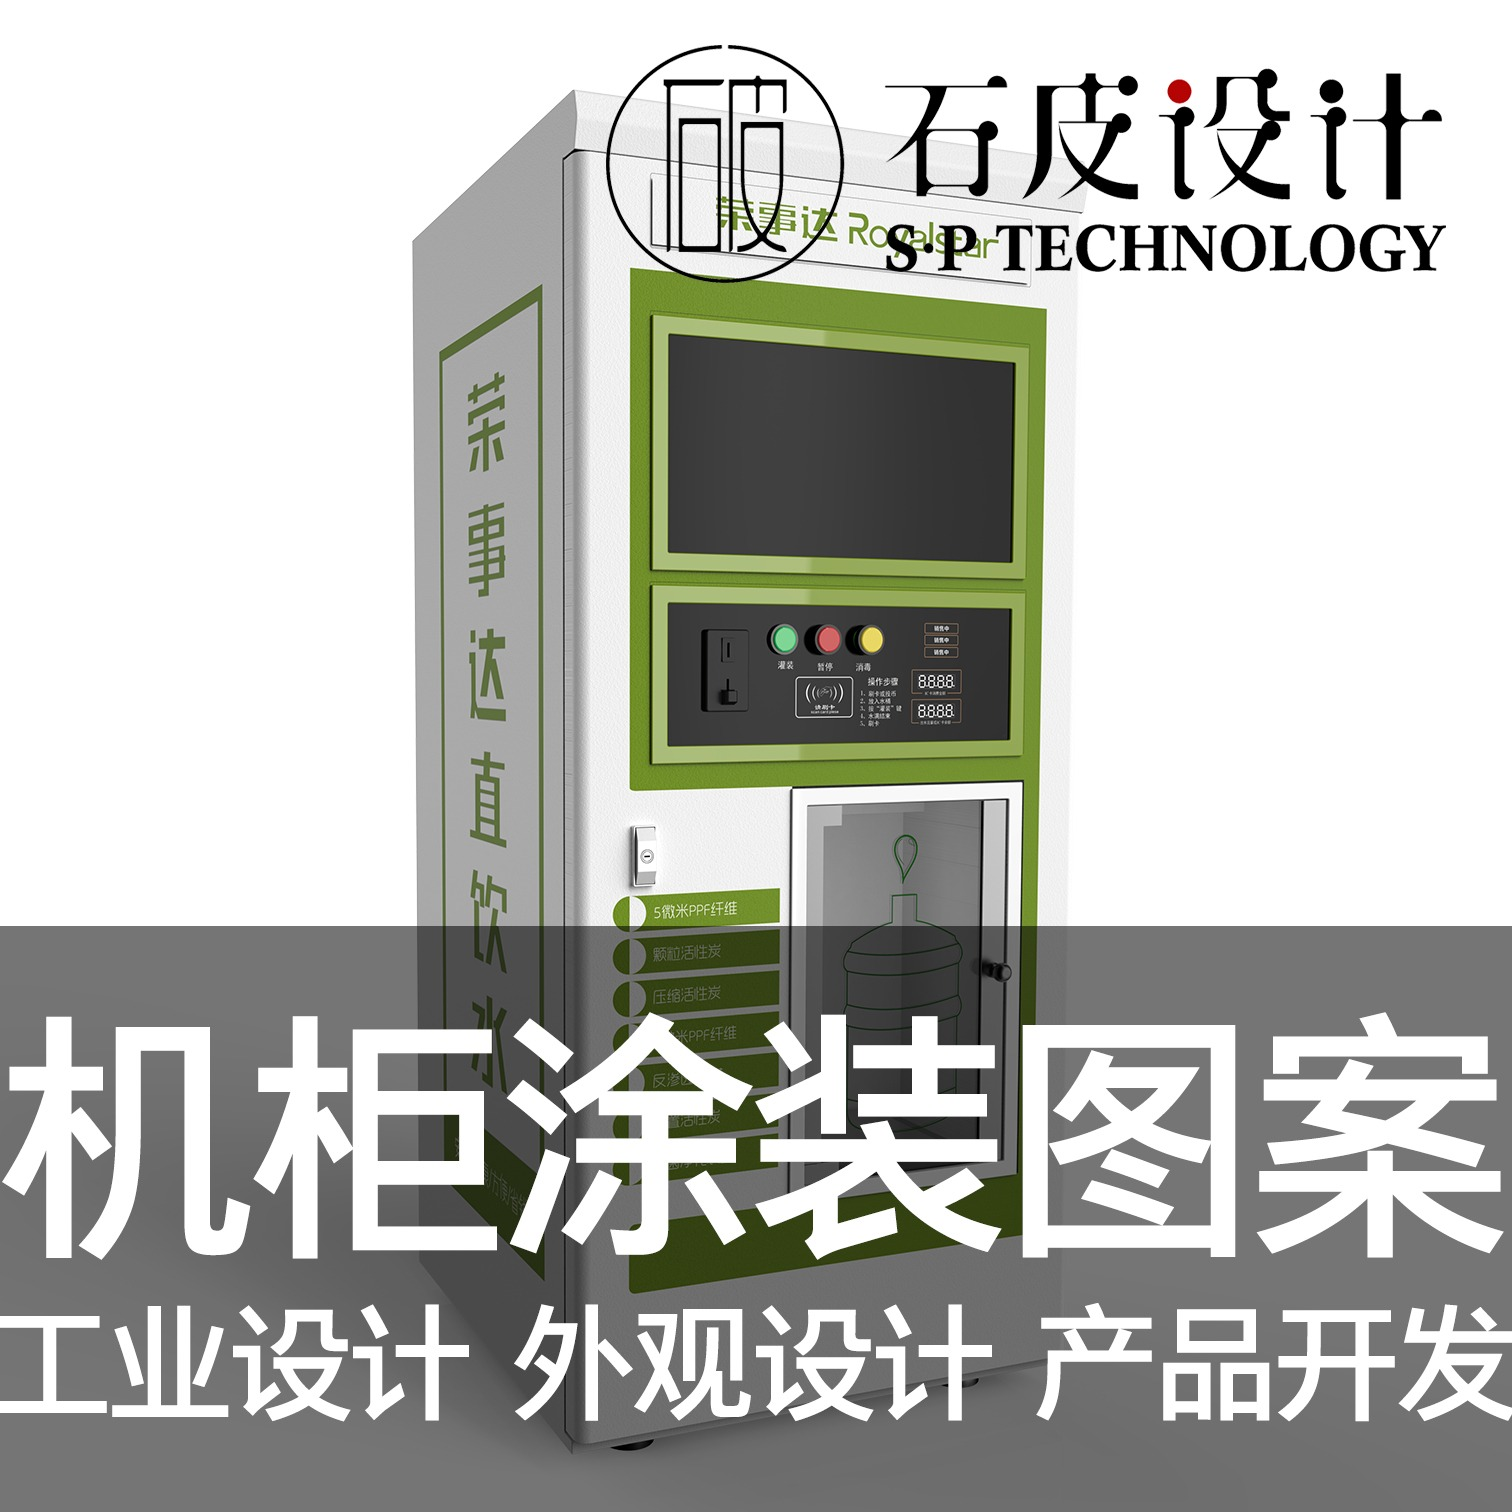 自动智能售货机外观设计涂装图案结构开发产品设计产品外观设计